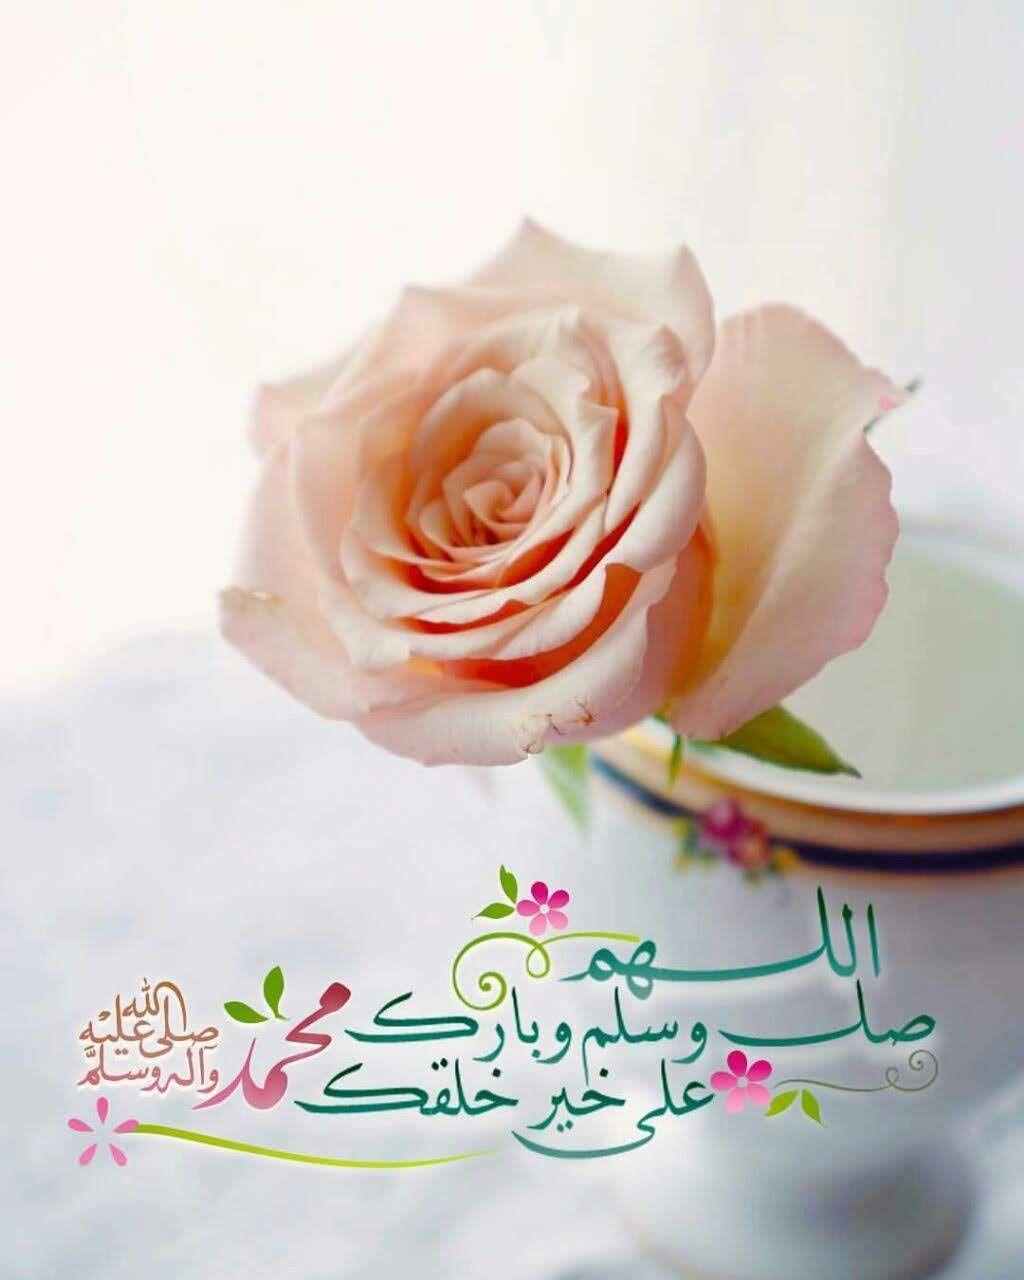 Pin Oleh Shima Megawry Di Beautiful Flowers And Roses